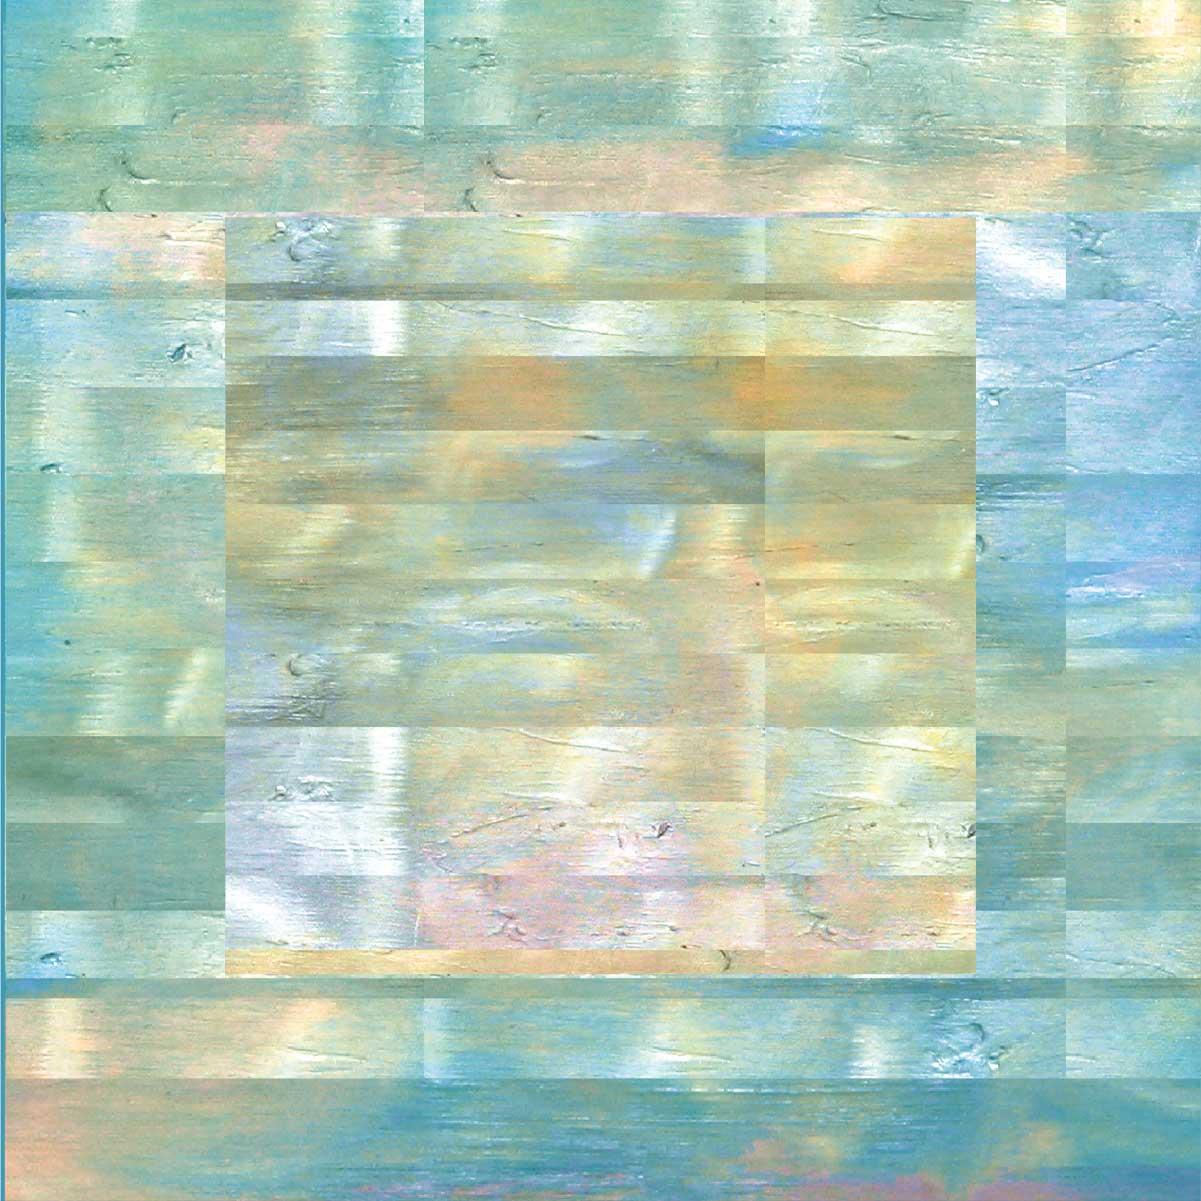 s-glitch_06-14_oil2-06